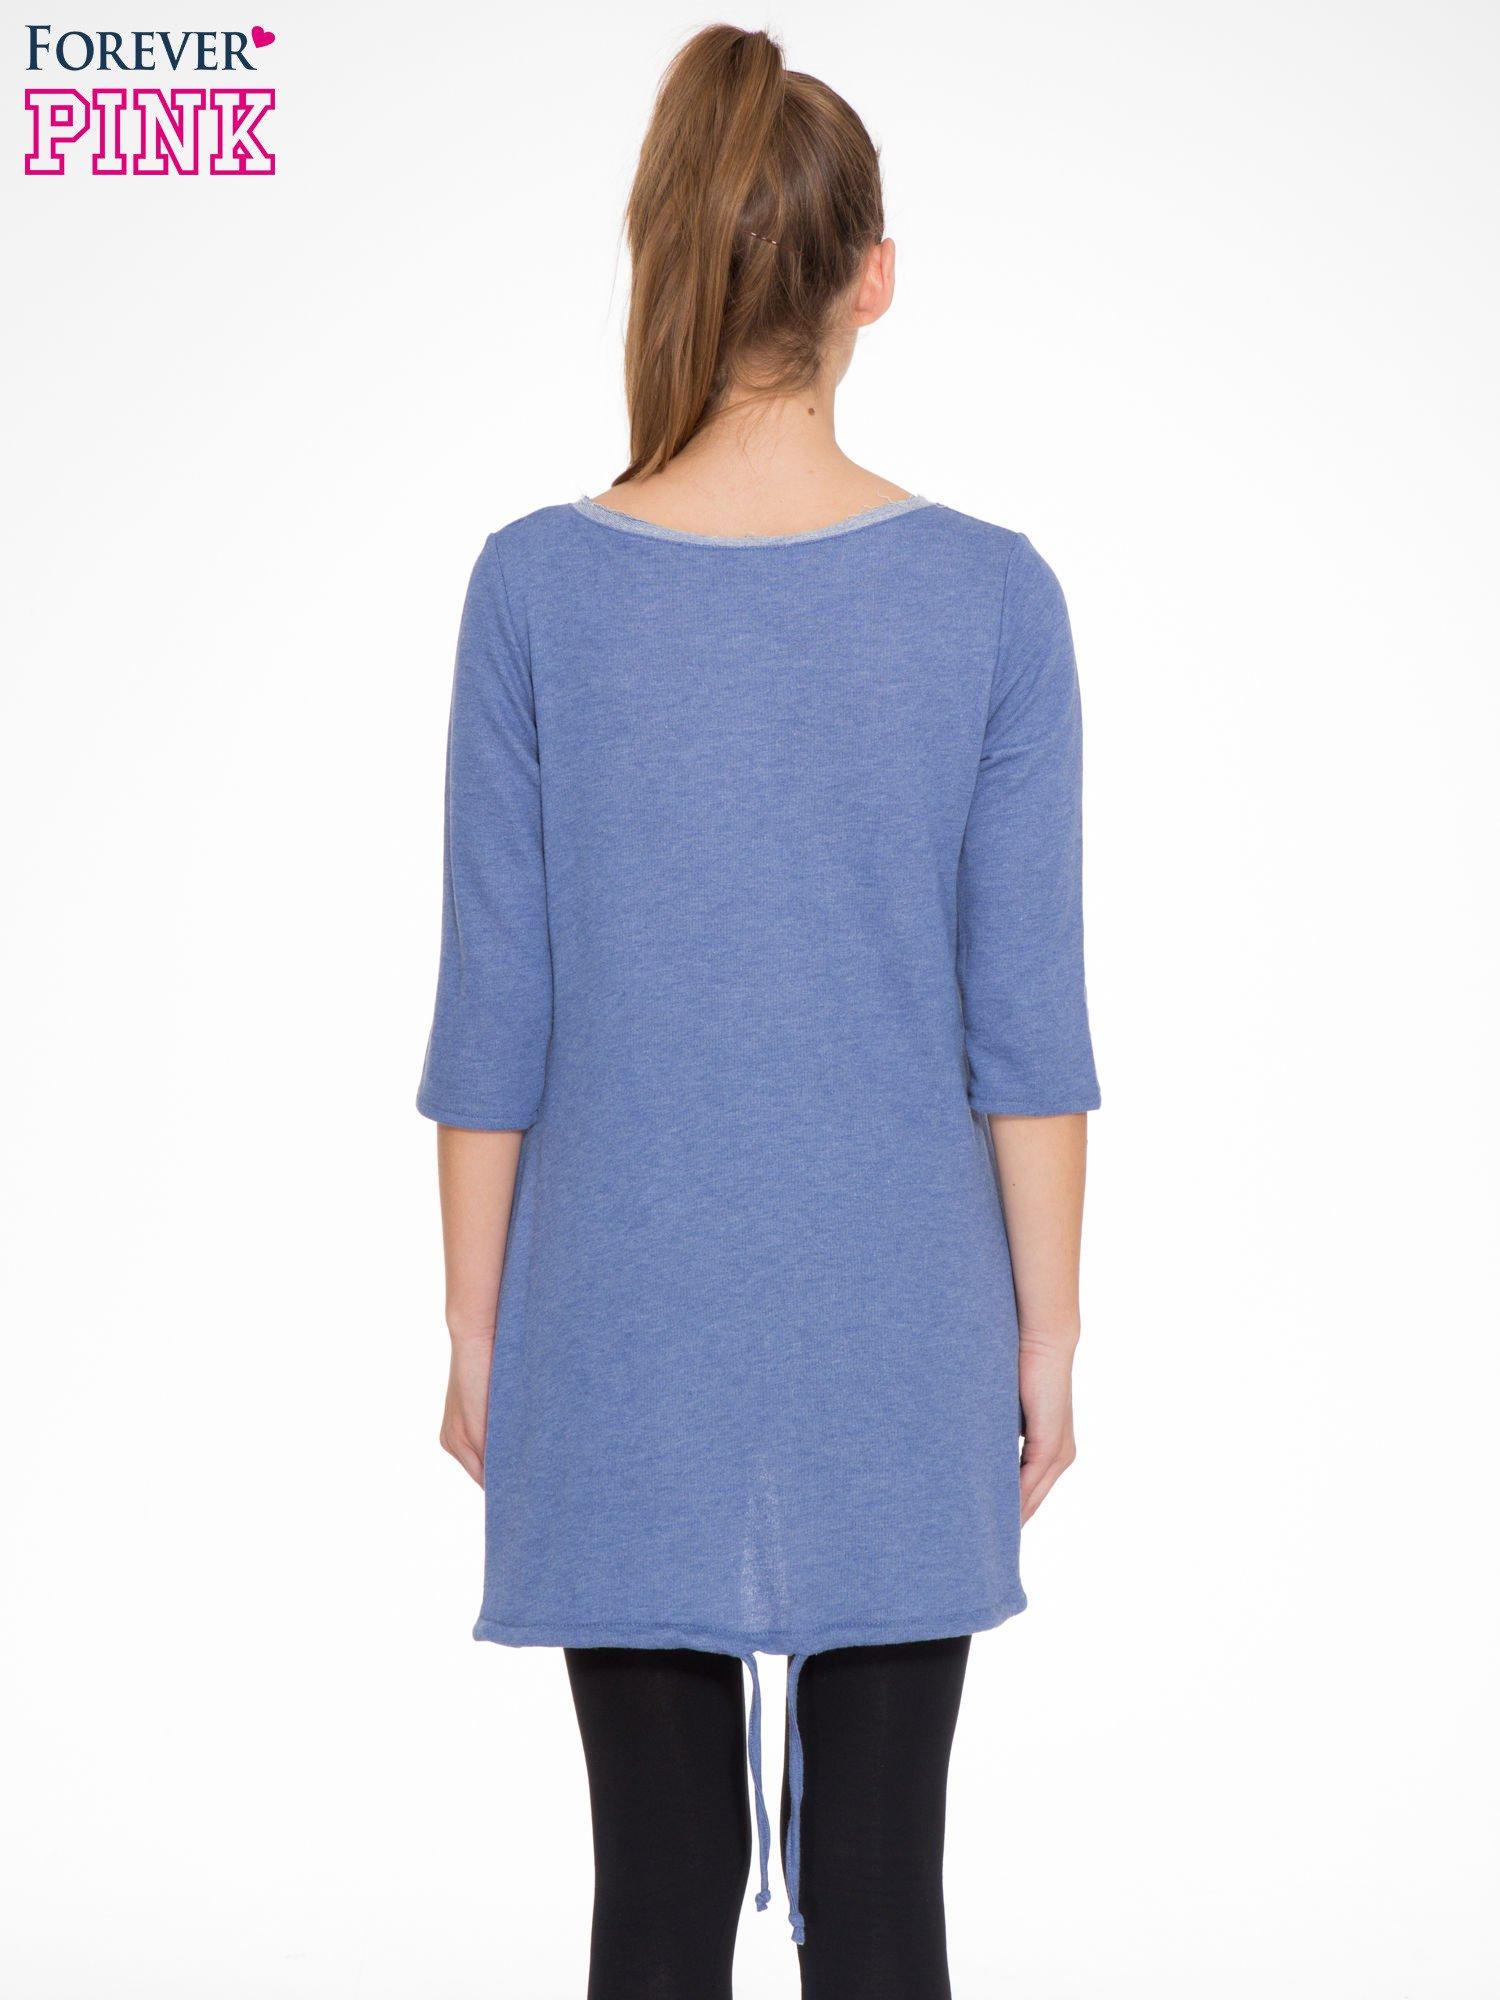 Niebieska tunika o kroju dzwonka wiązana z tyłu                                  zdj.                                  4